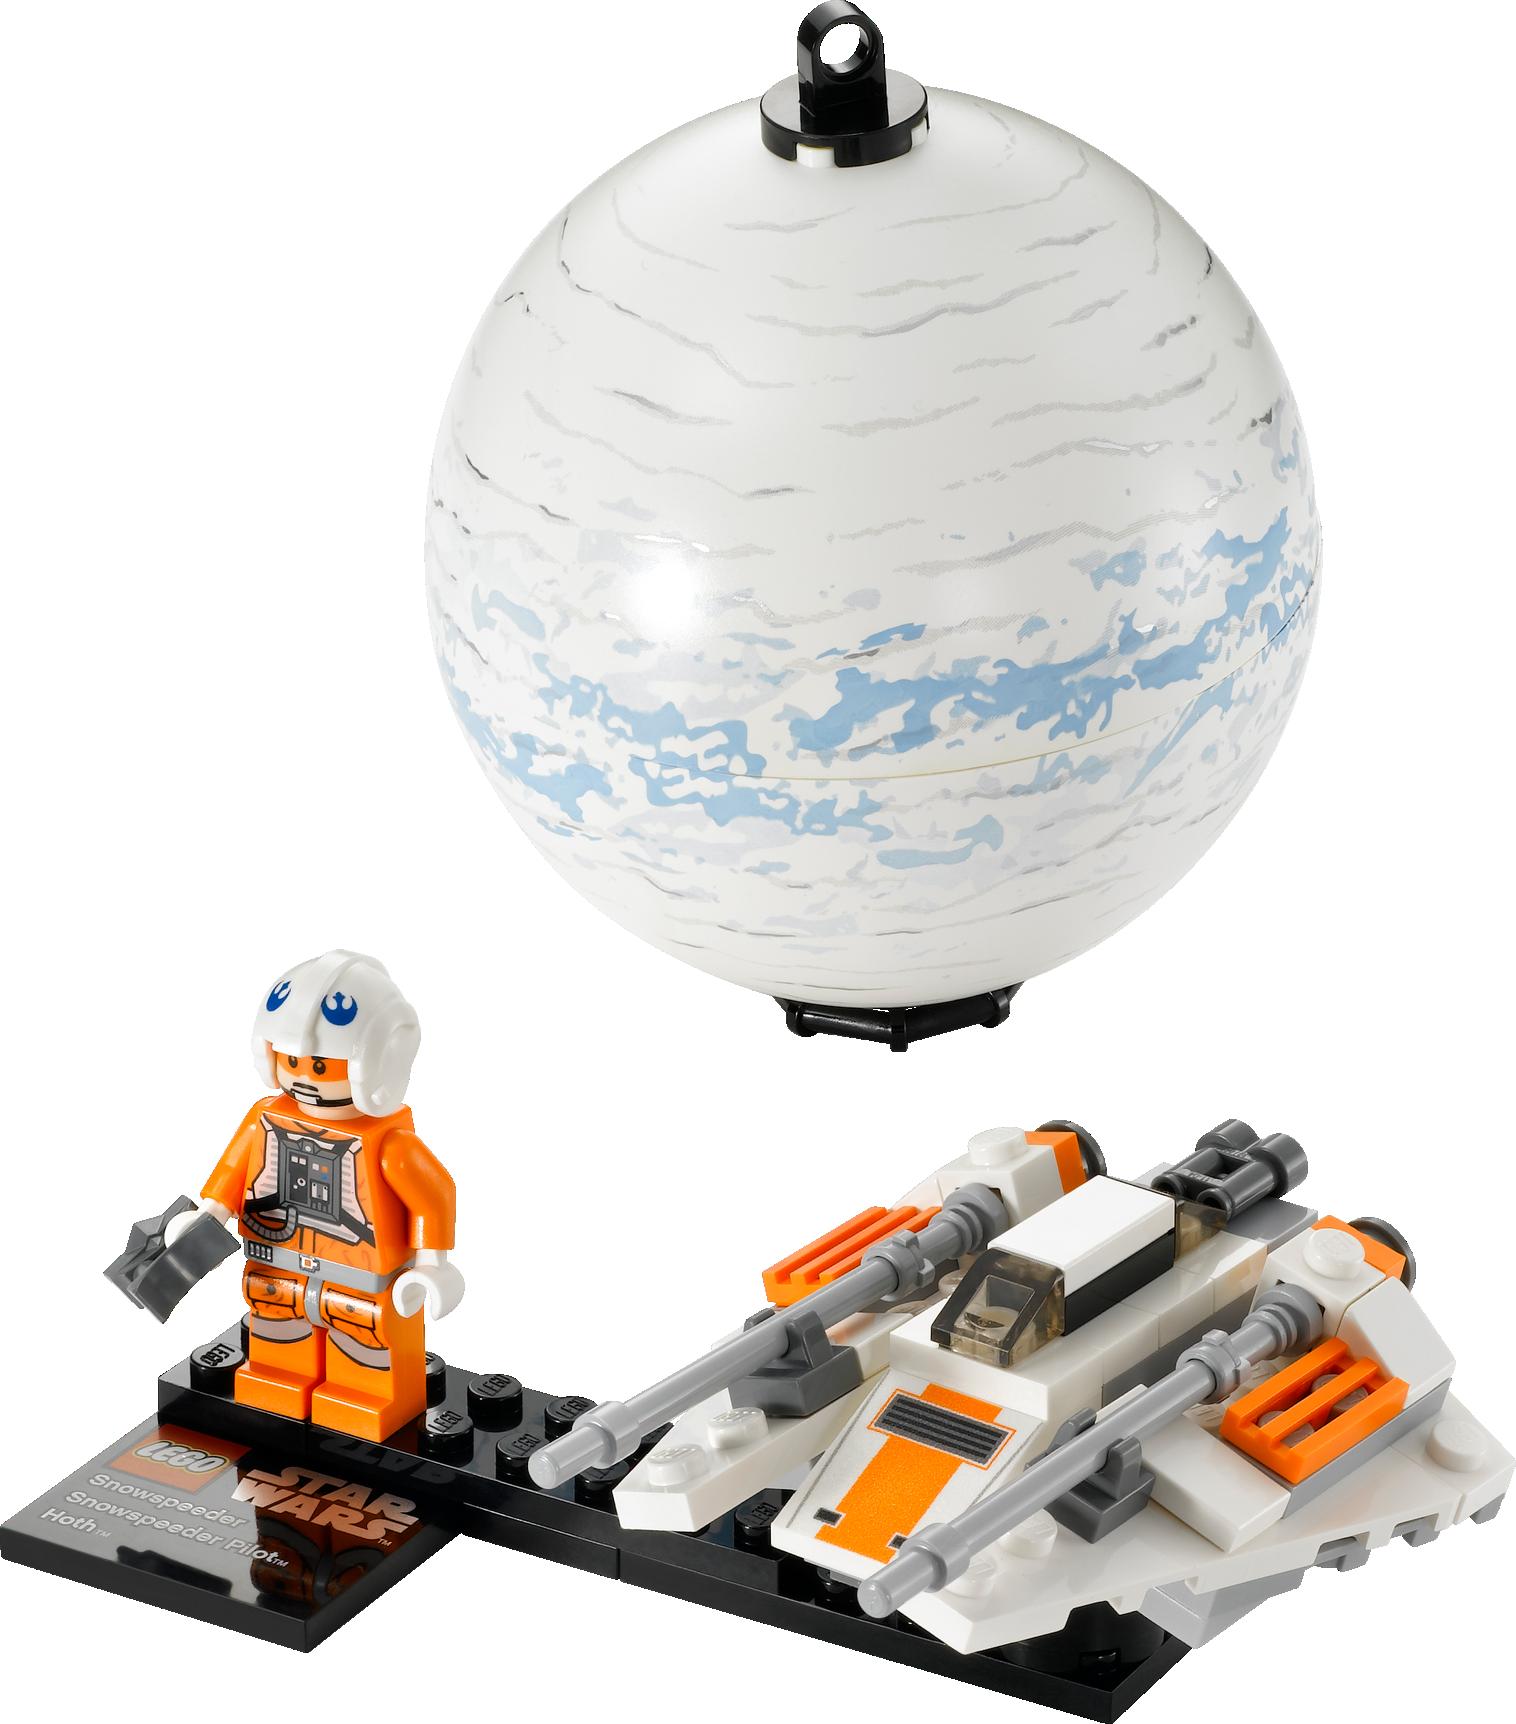 Snowspeeder & Hoth